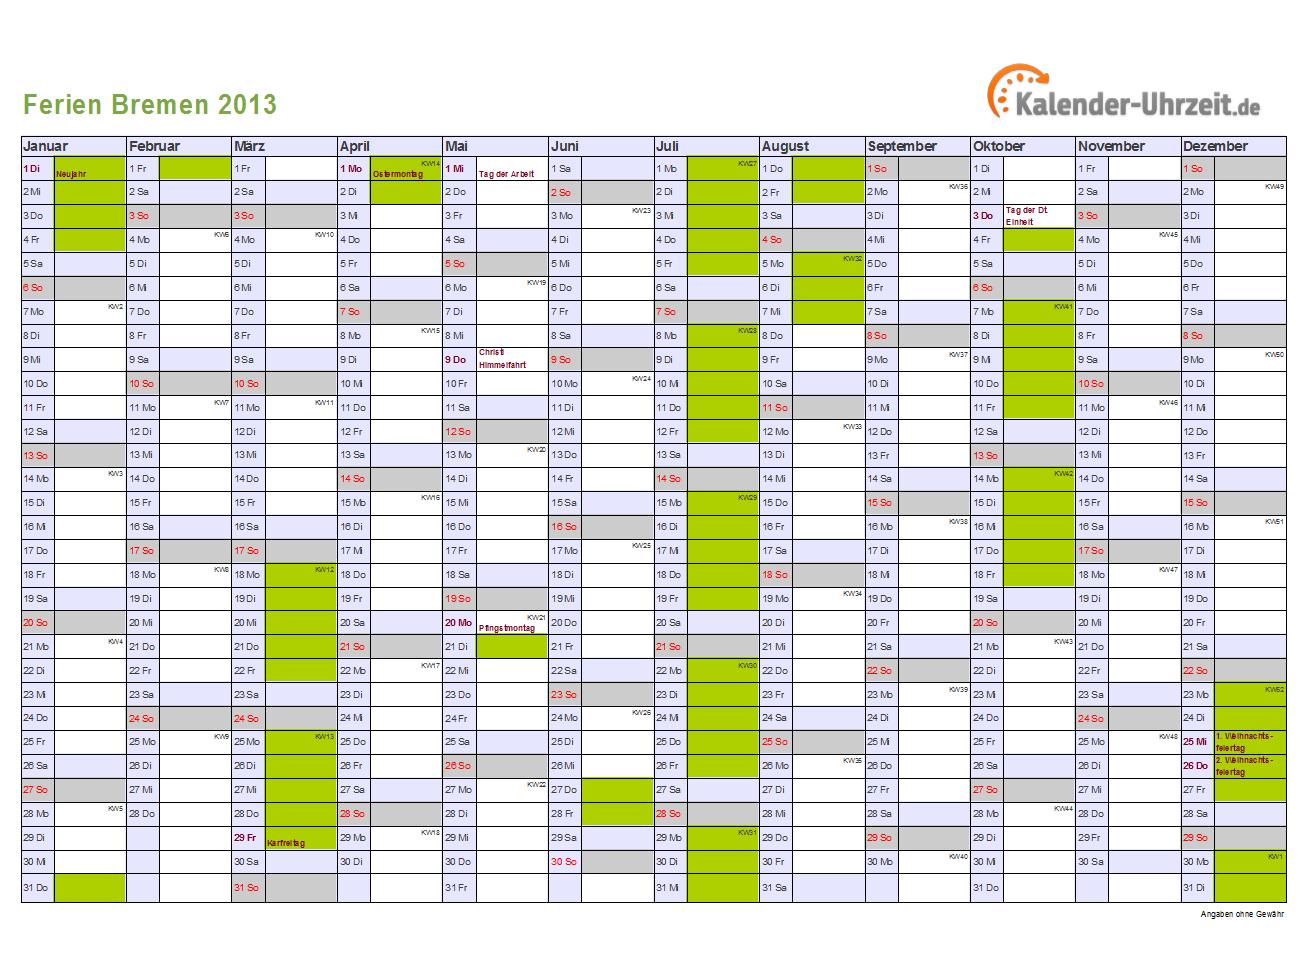 2013 Bremen mit Feiertagen zum Ausdrucken und Downloaden